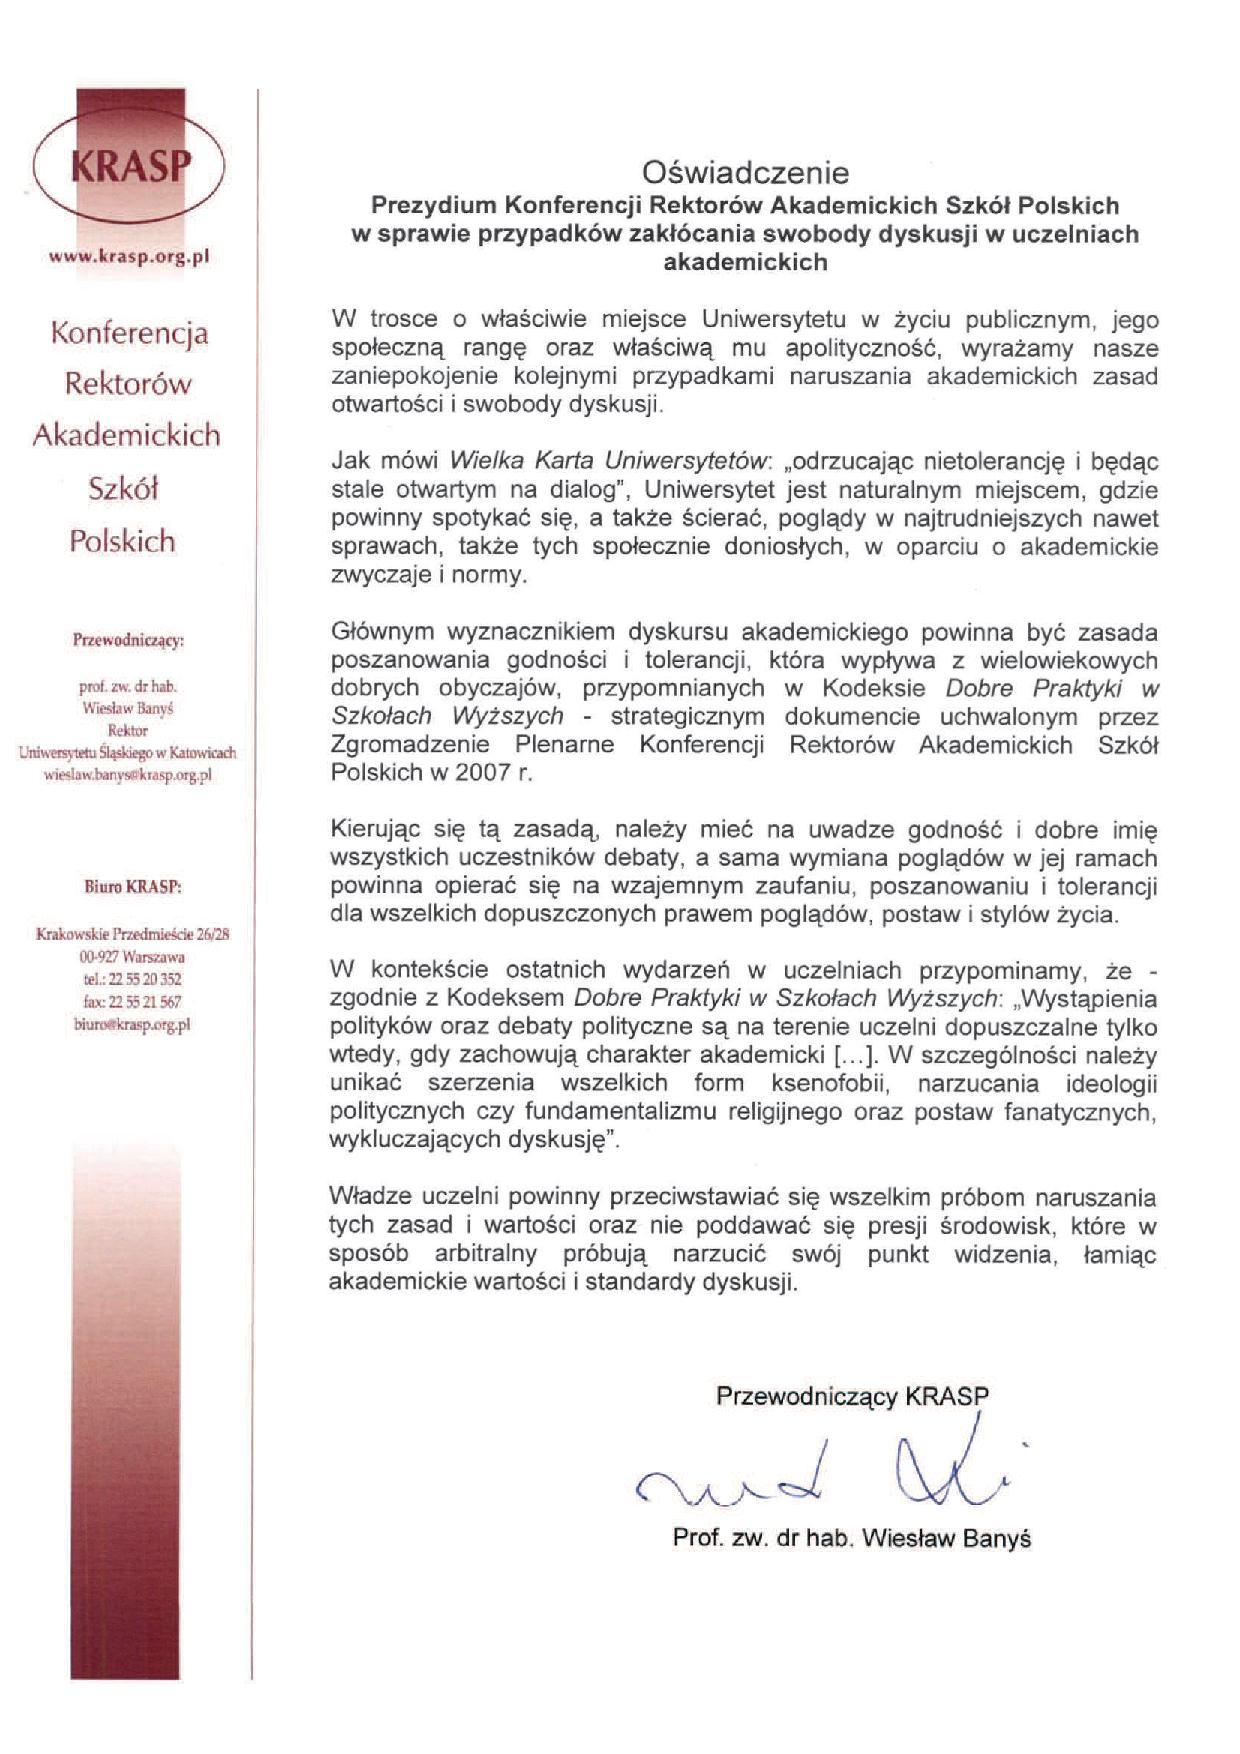 Oświadczenie KRASP